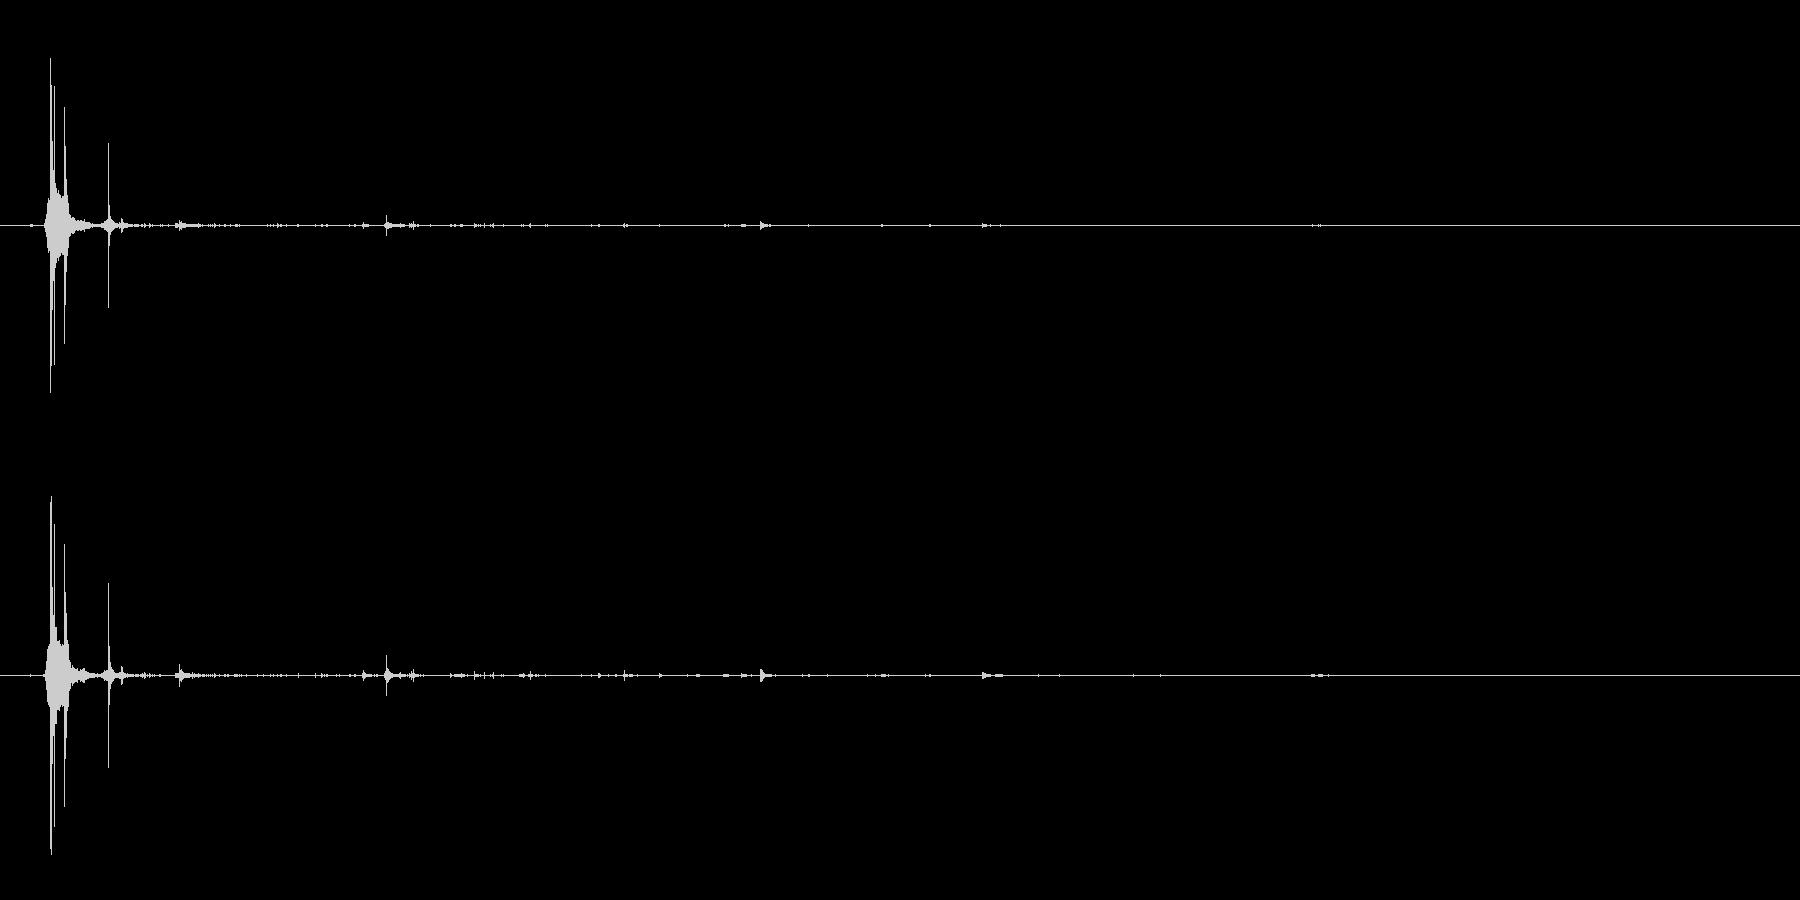 パリーン(氷を割る音)の未再生の波形